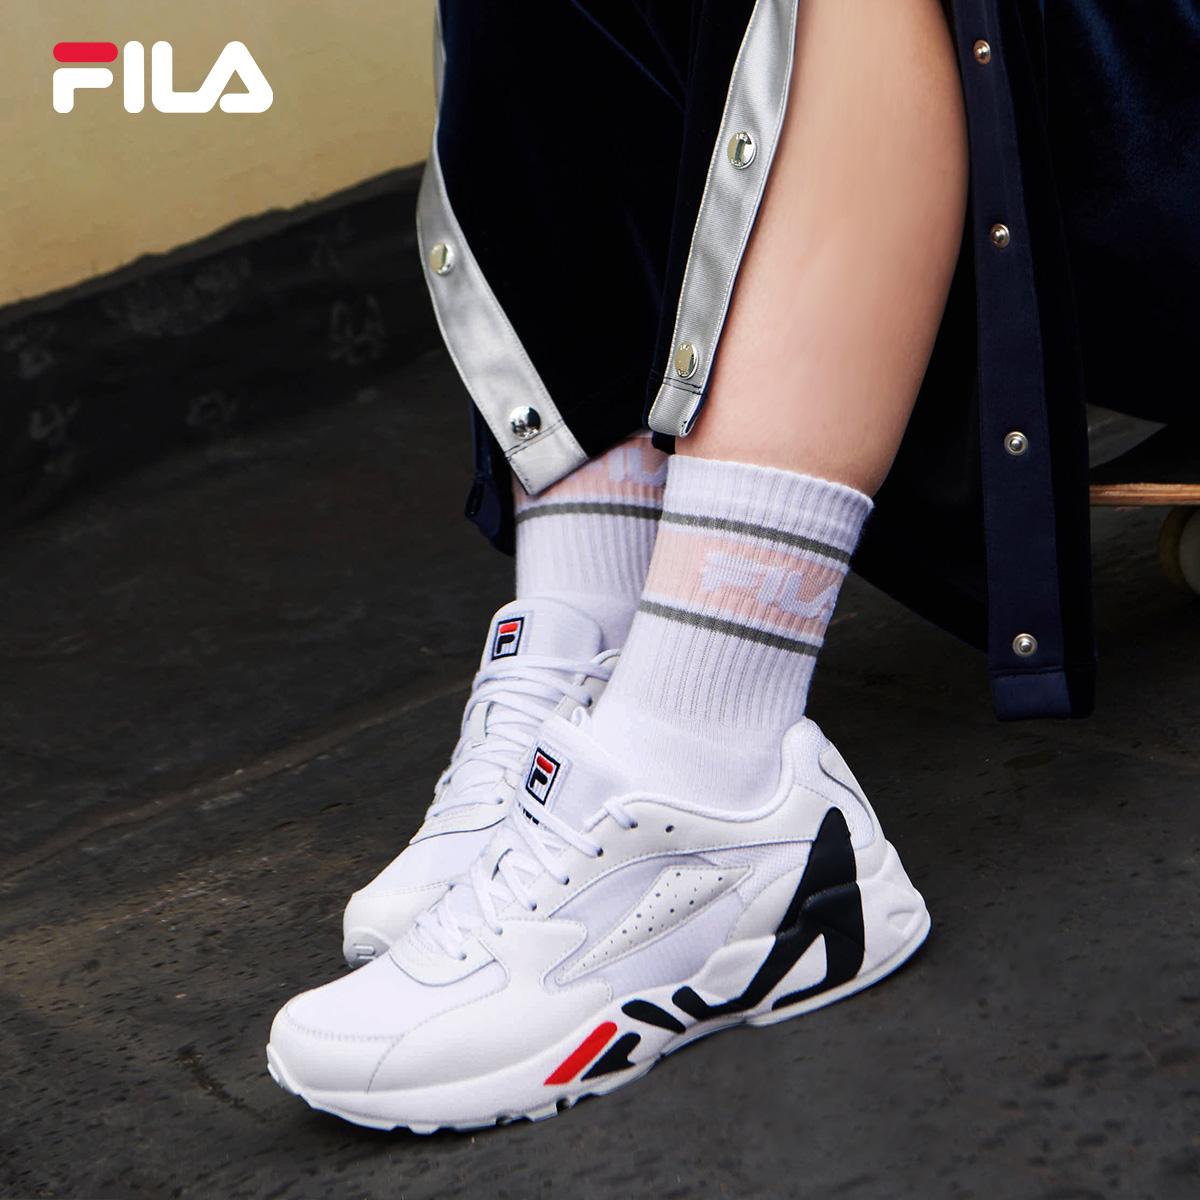 FILA斐乐女鞋秋季新品复古跑鞋跑步鞋舒适柔软运动鞋女生鞋子